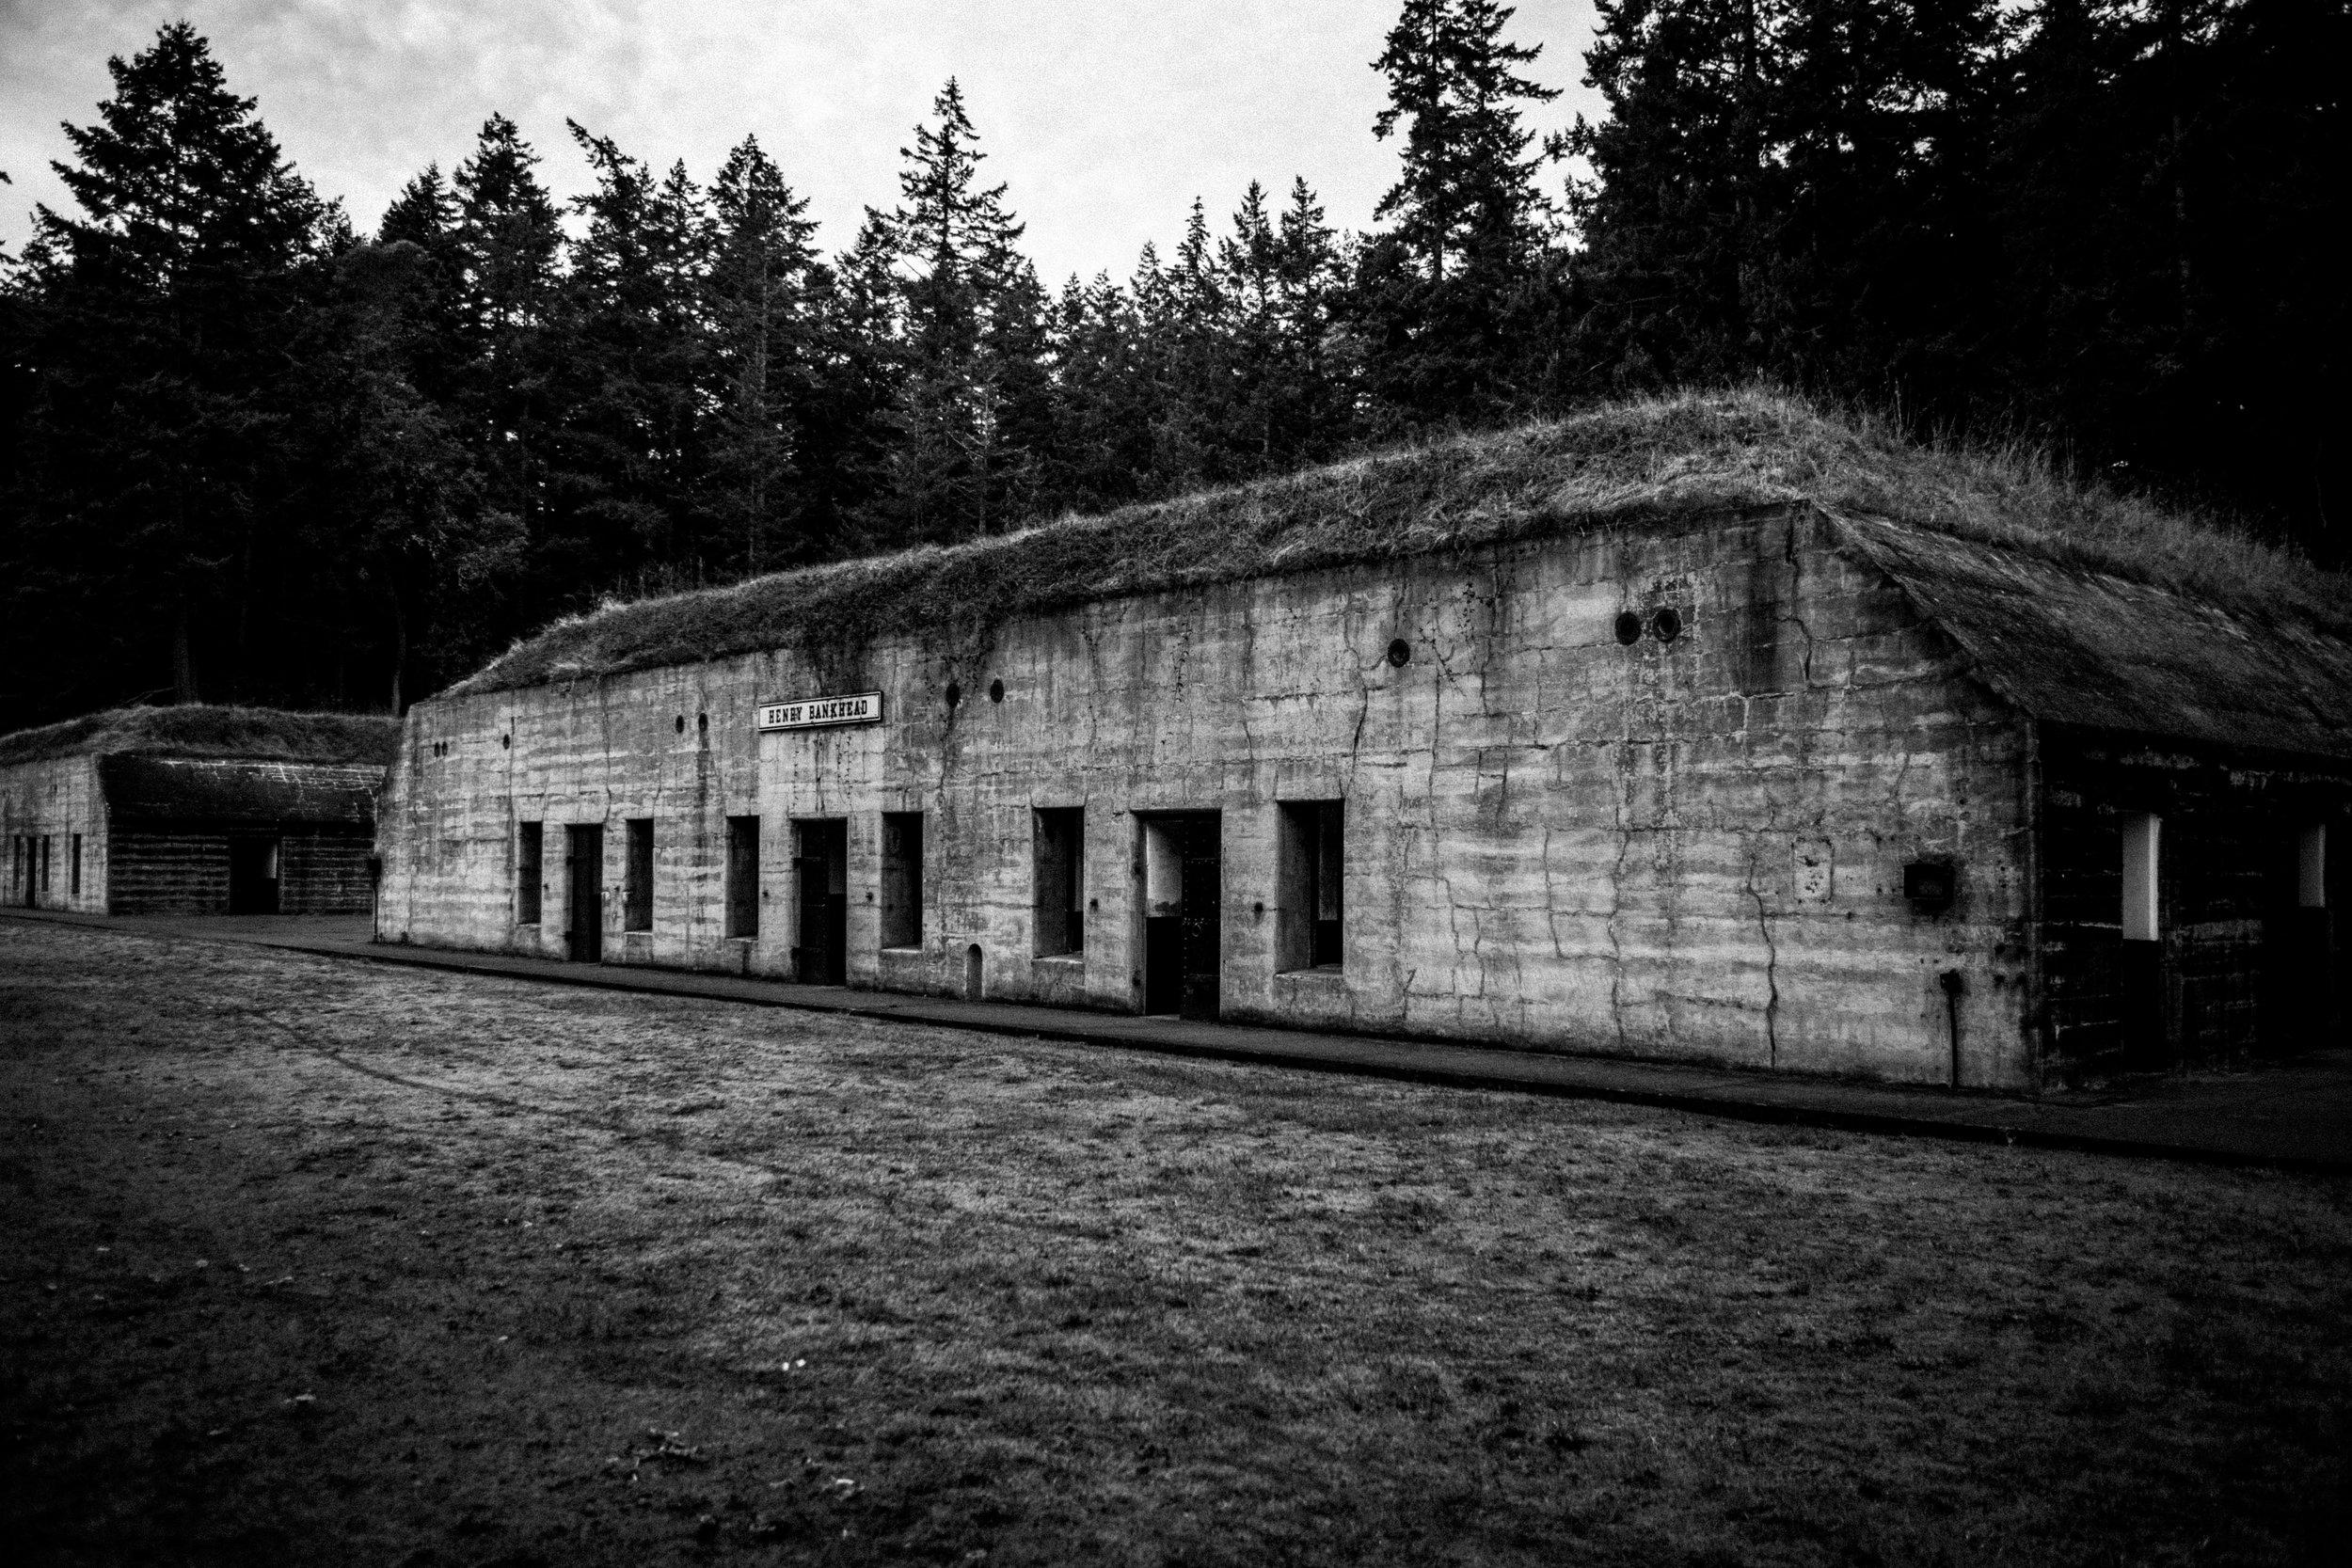 Fort Flagler State Park; Nordland, WA (Today)